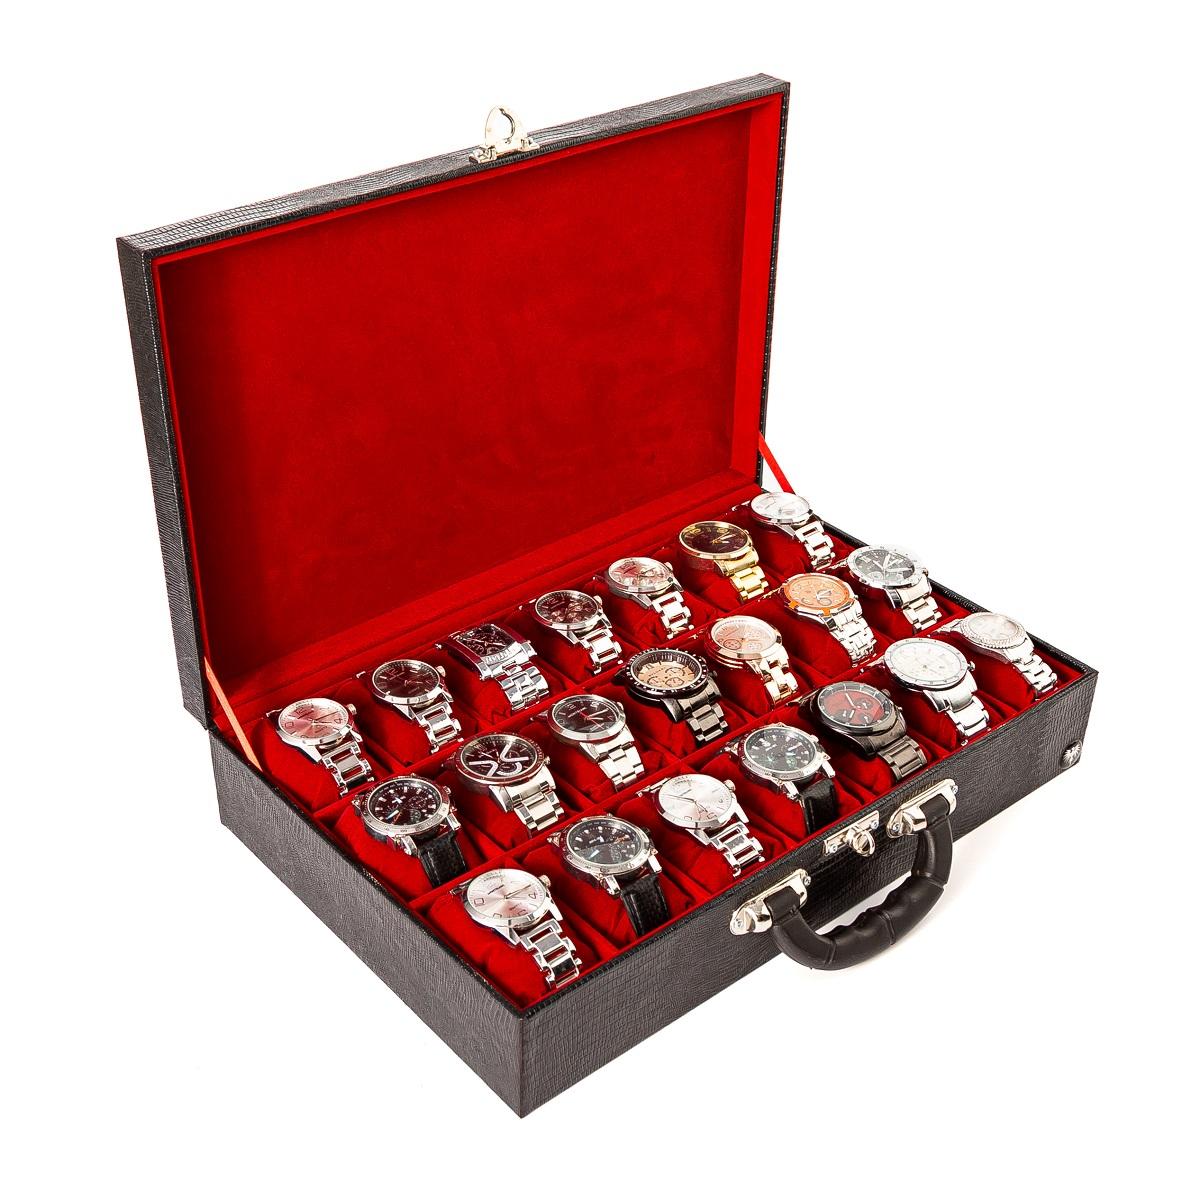 maleta-porta-relogio-21-nichos-couro-ecologico-preto-vermelho-imagem-6.jpg